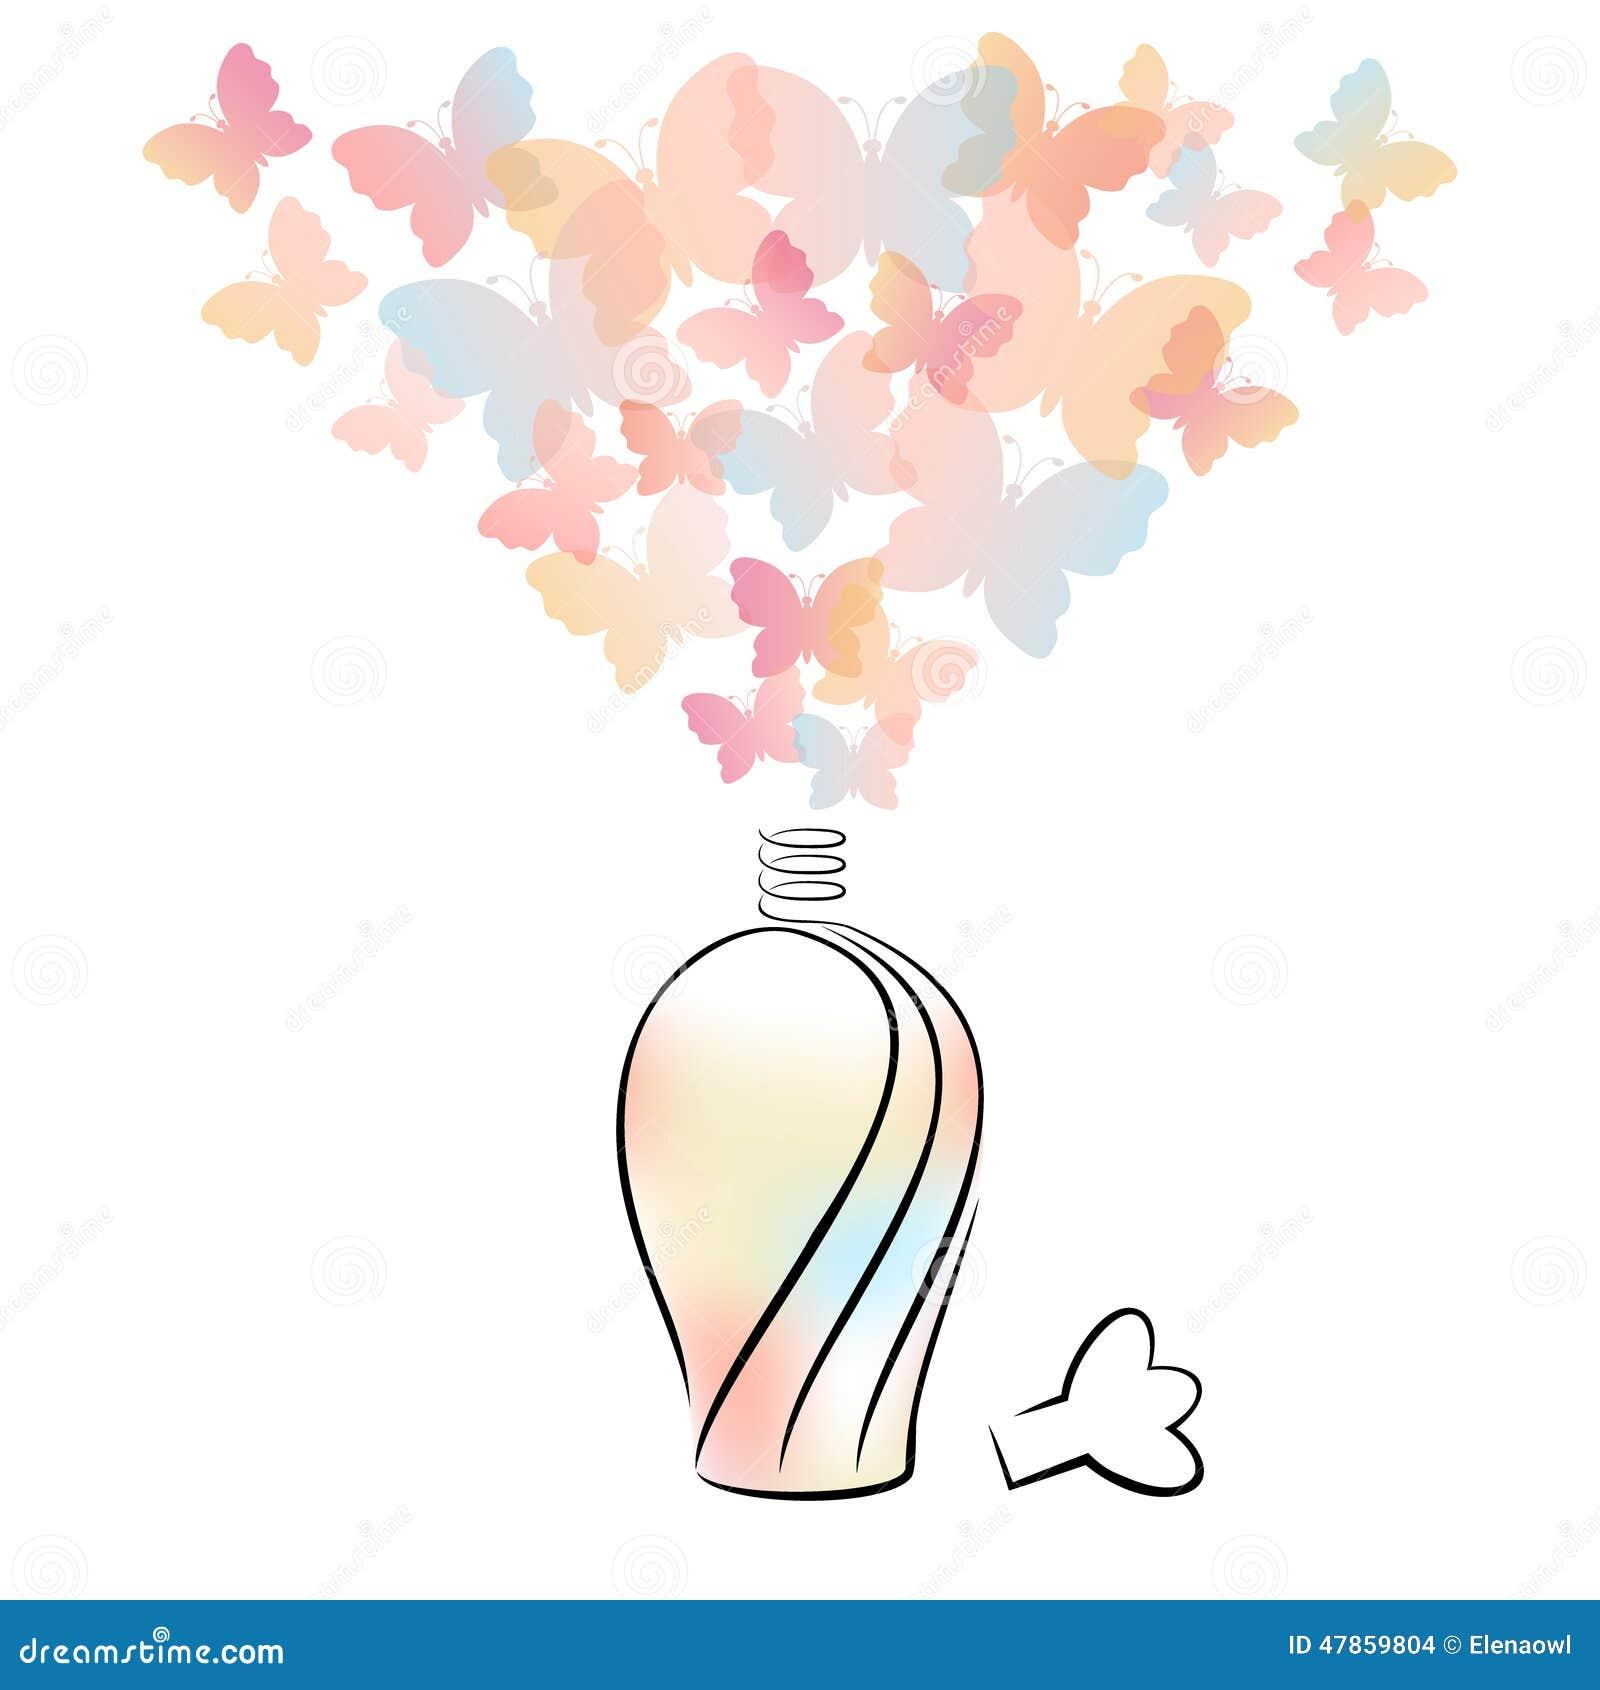 вектор дух сетки иллюстрации чертежа бутылки